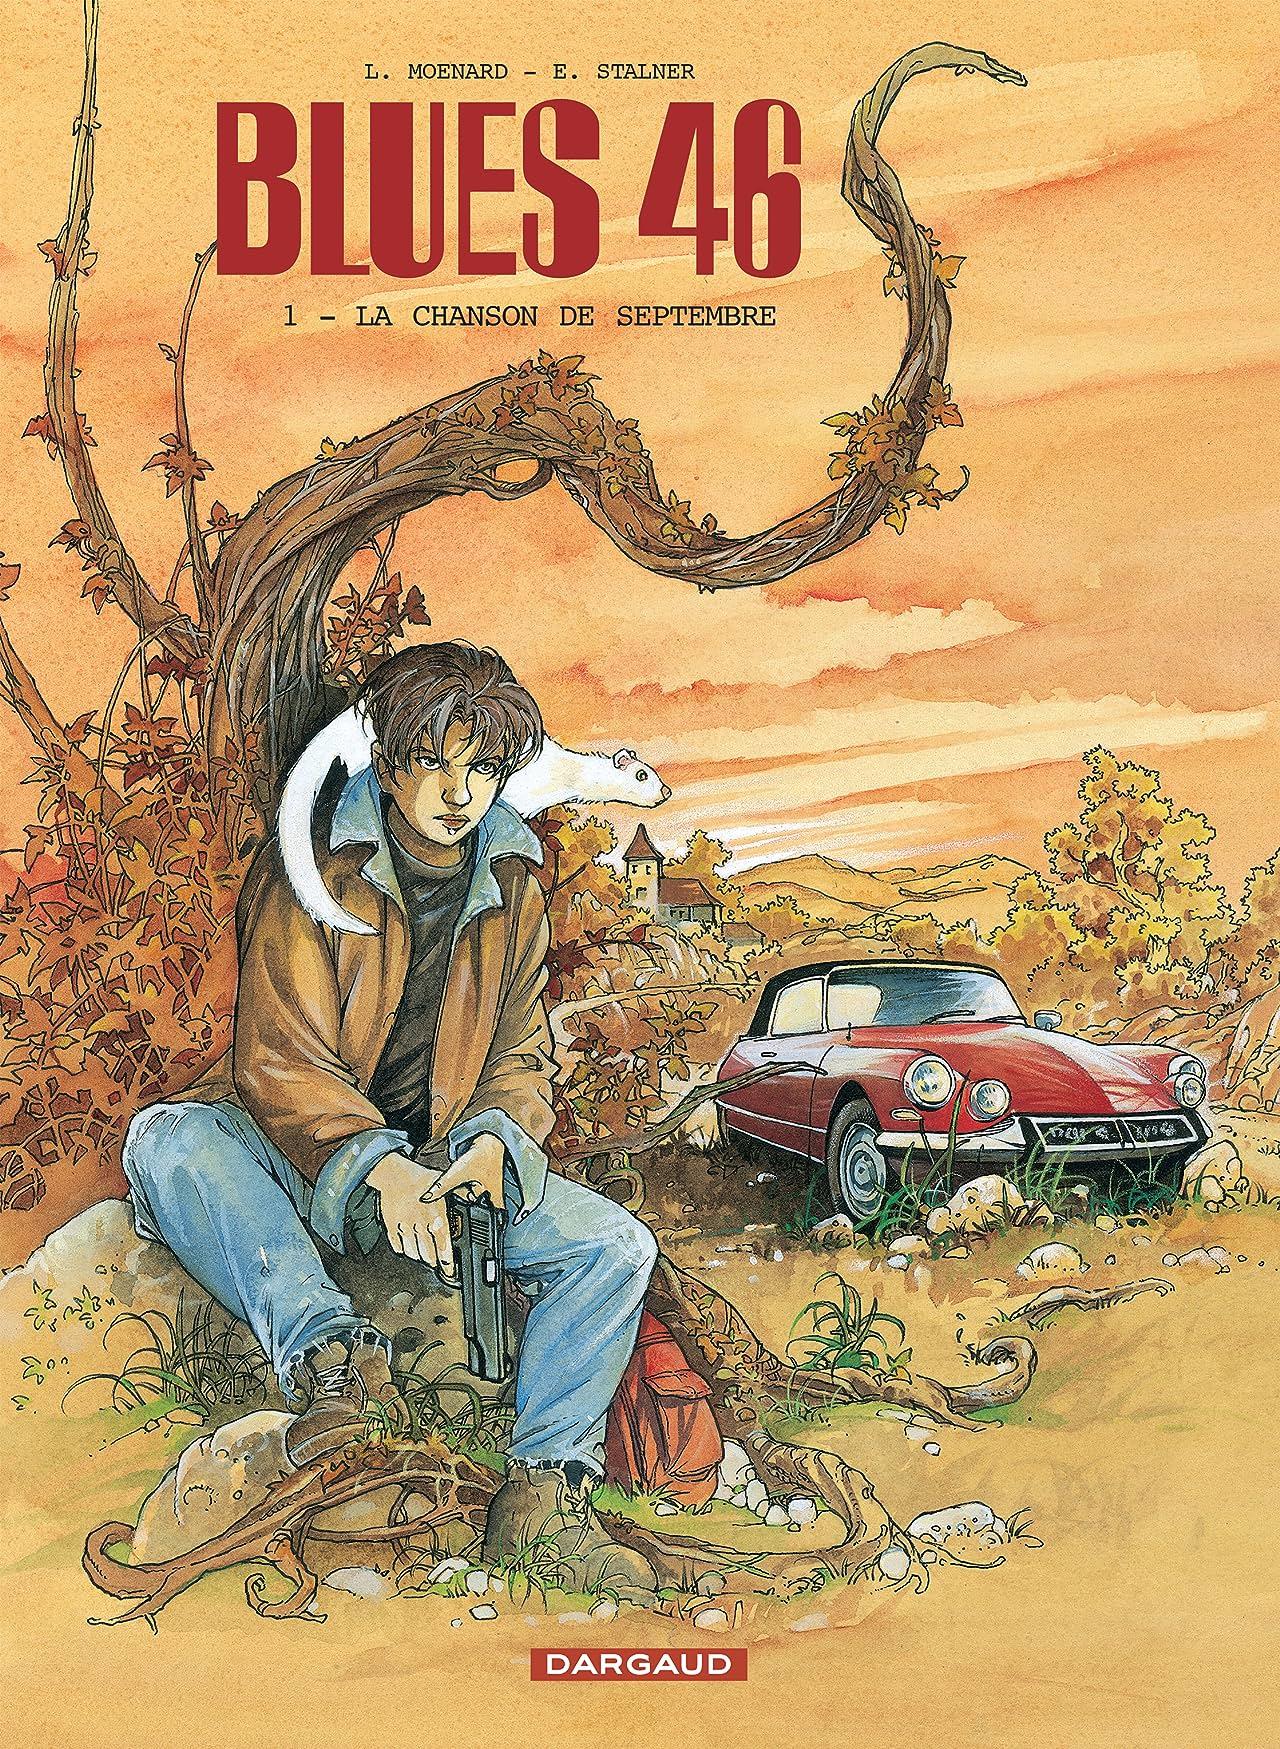 Blues 46 Vol. 1: La chanson de septembre